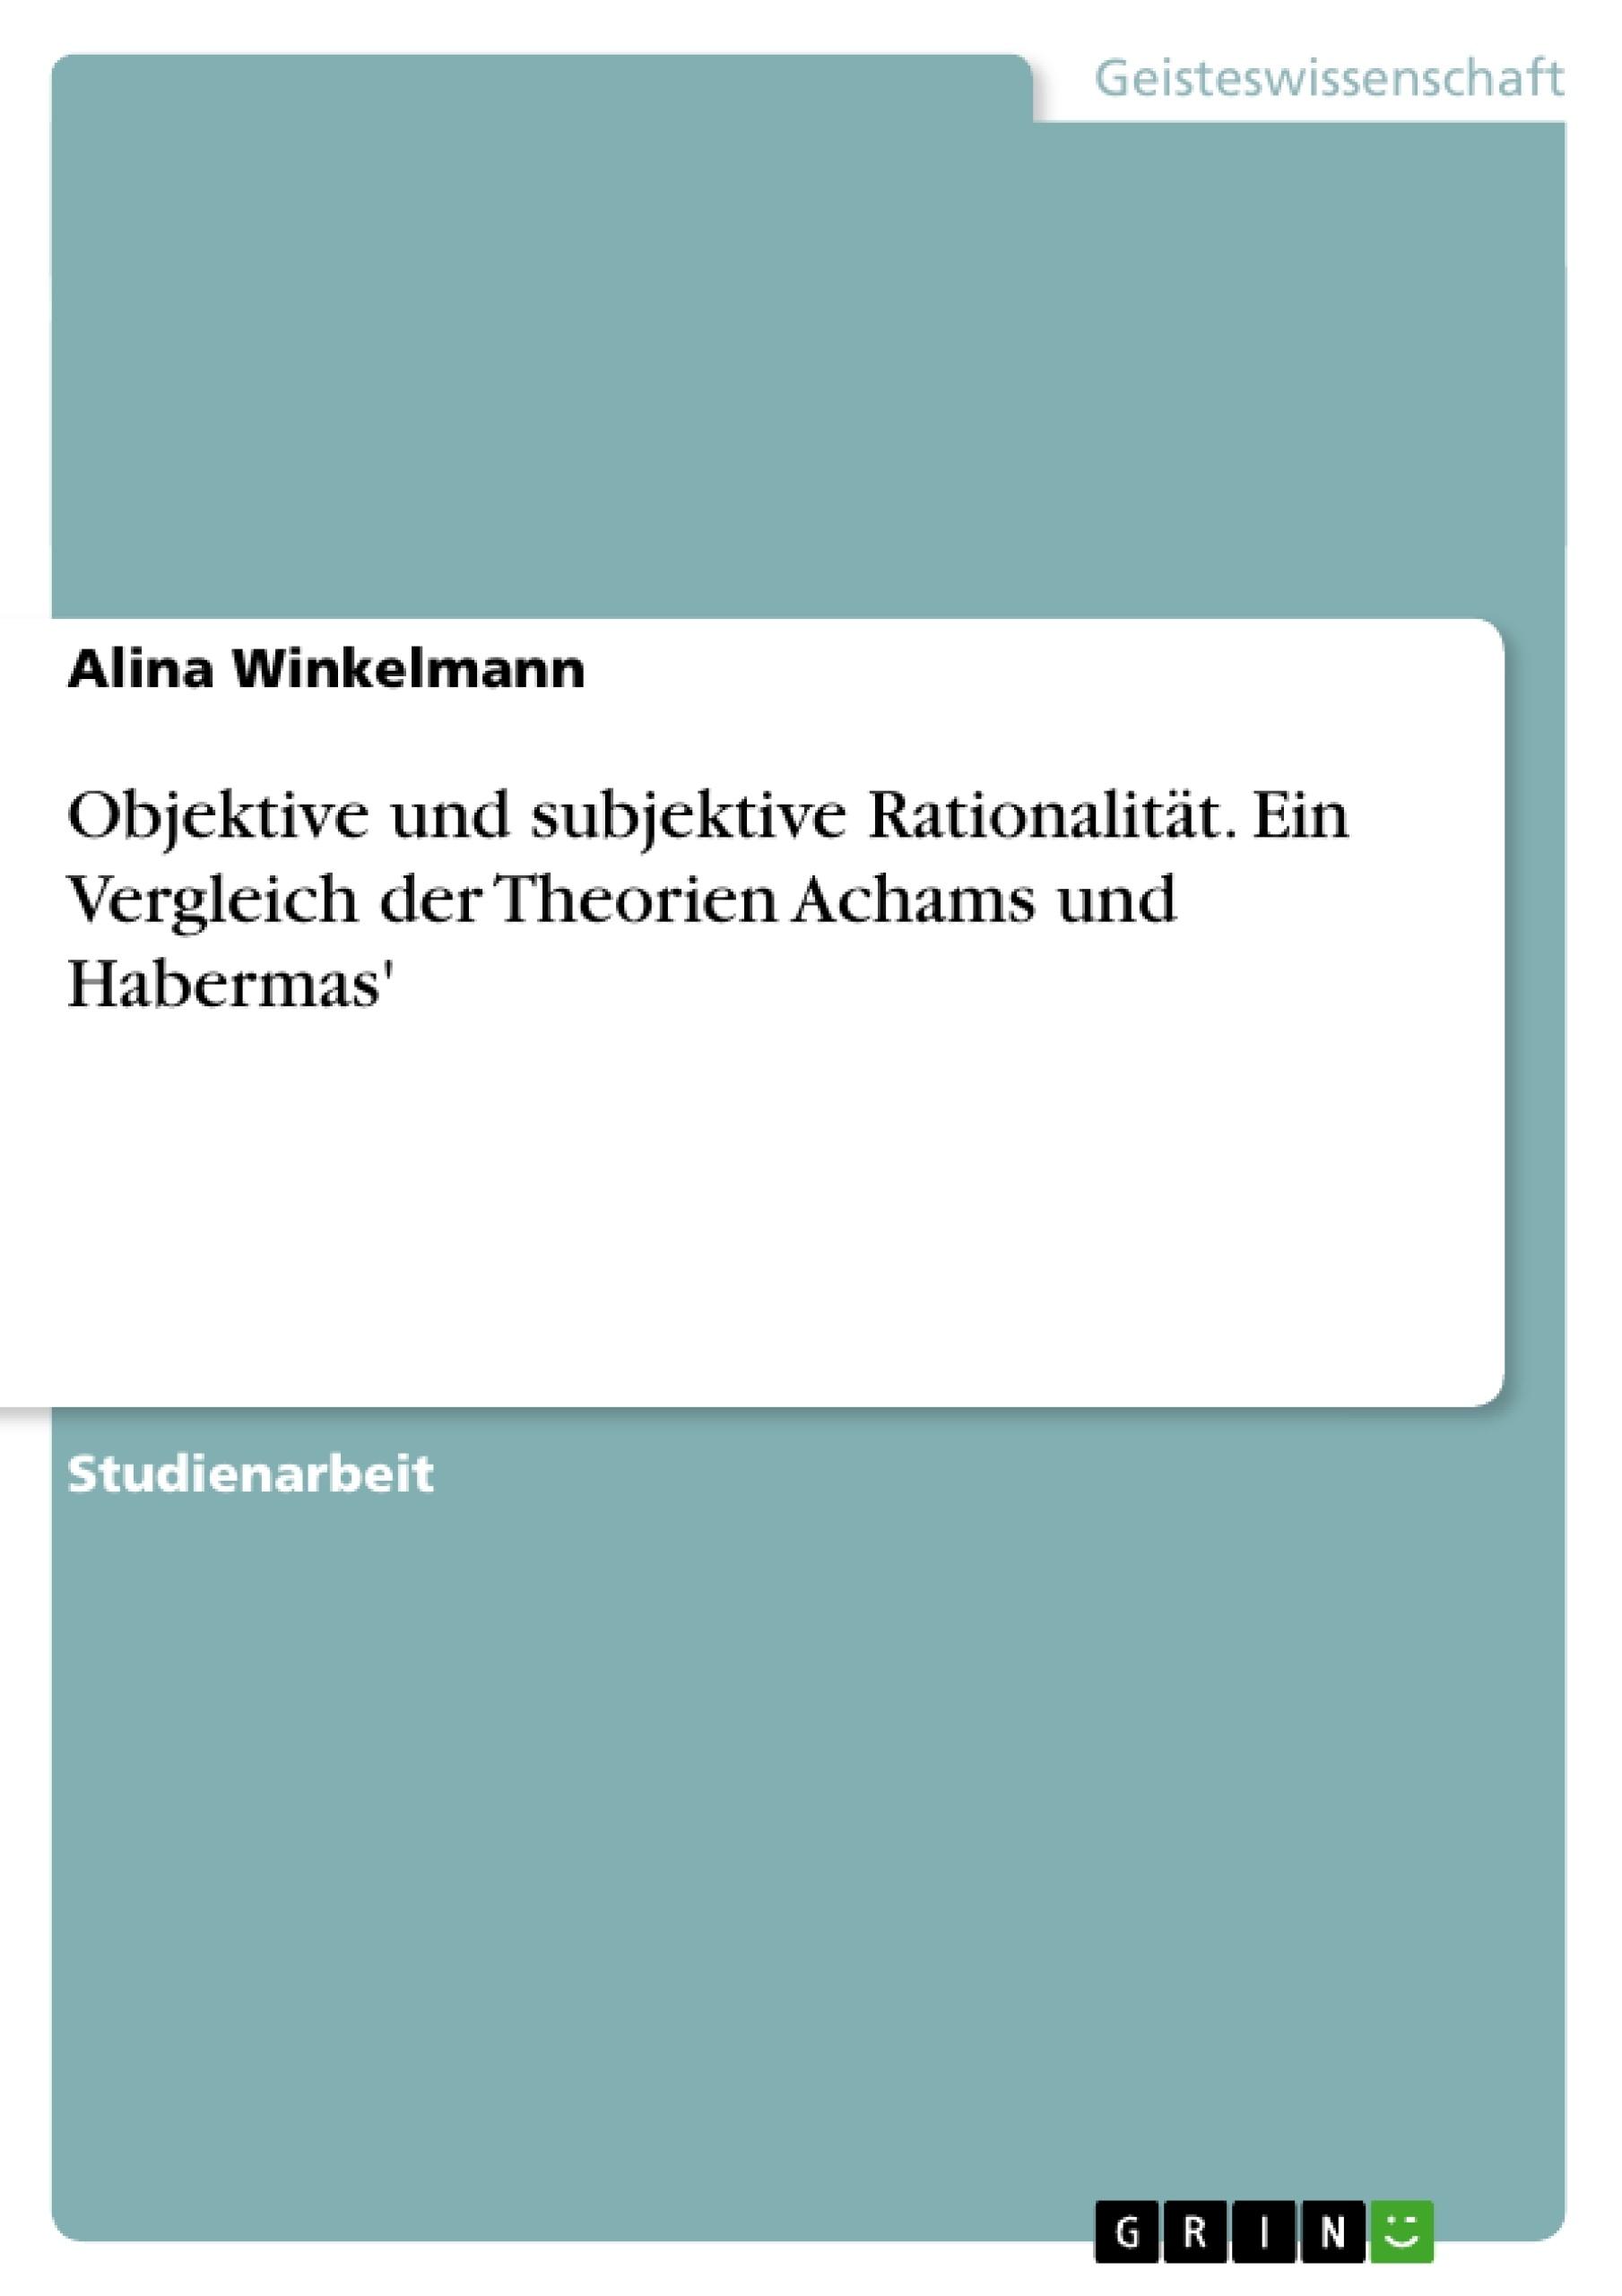 Titel: Objektive und subjektive Rationalität. Ein Vergleich der Theorien Achams und Habermas'